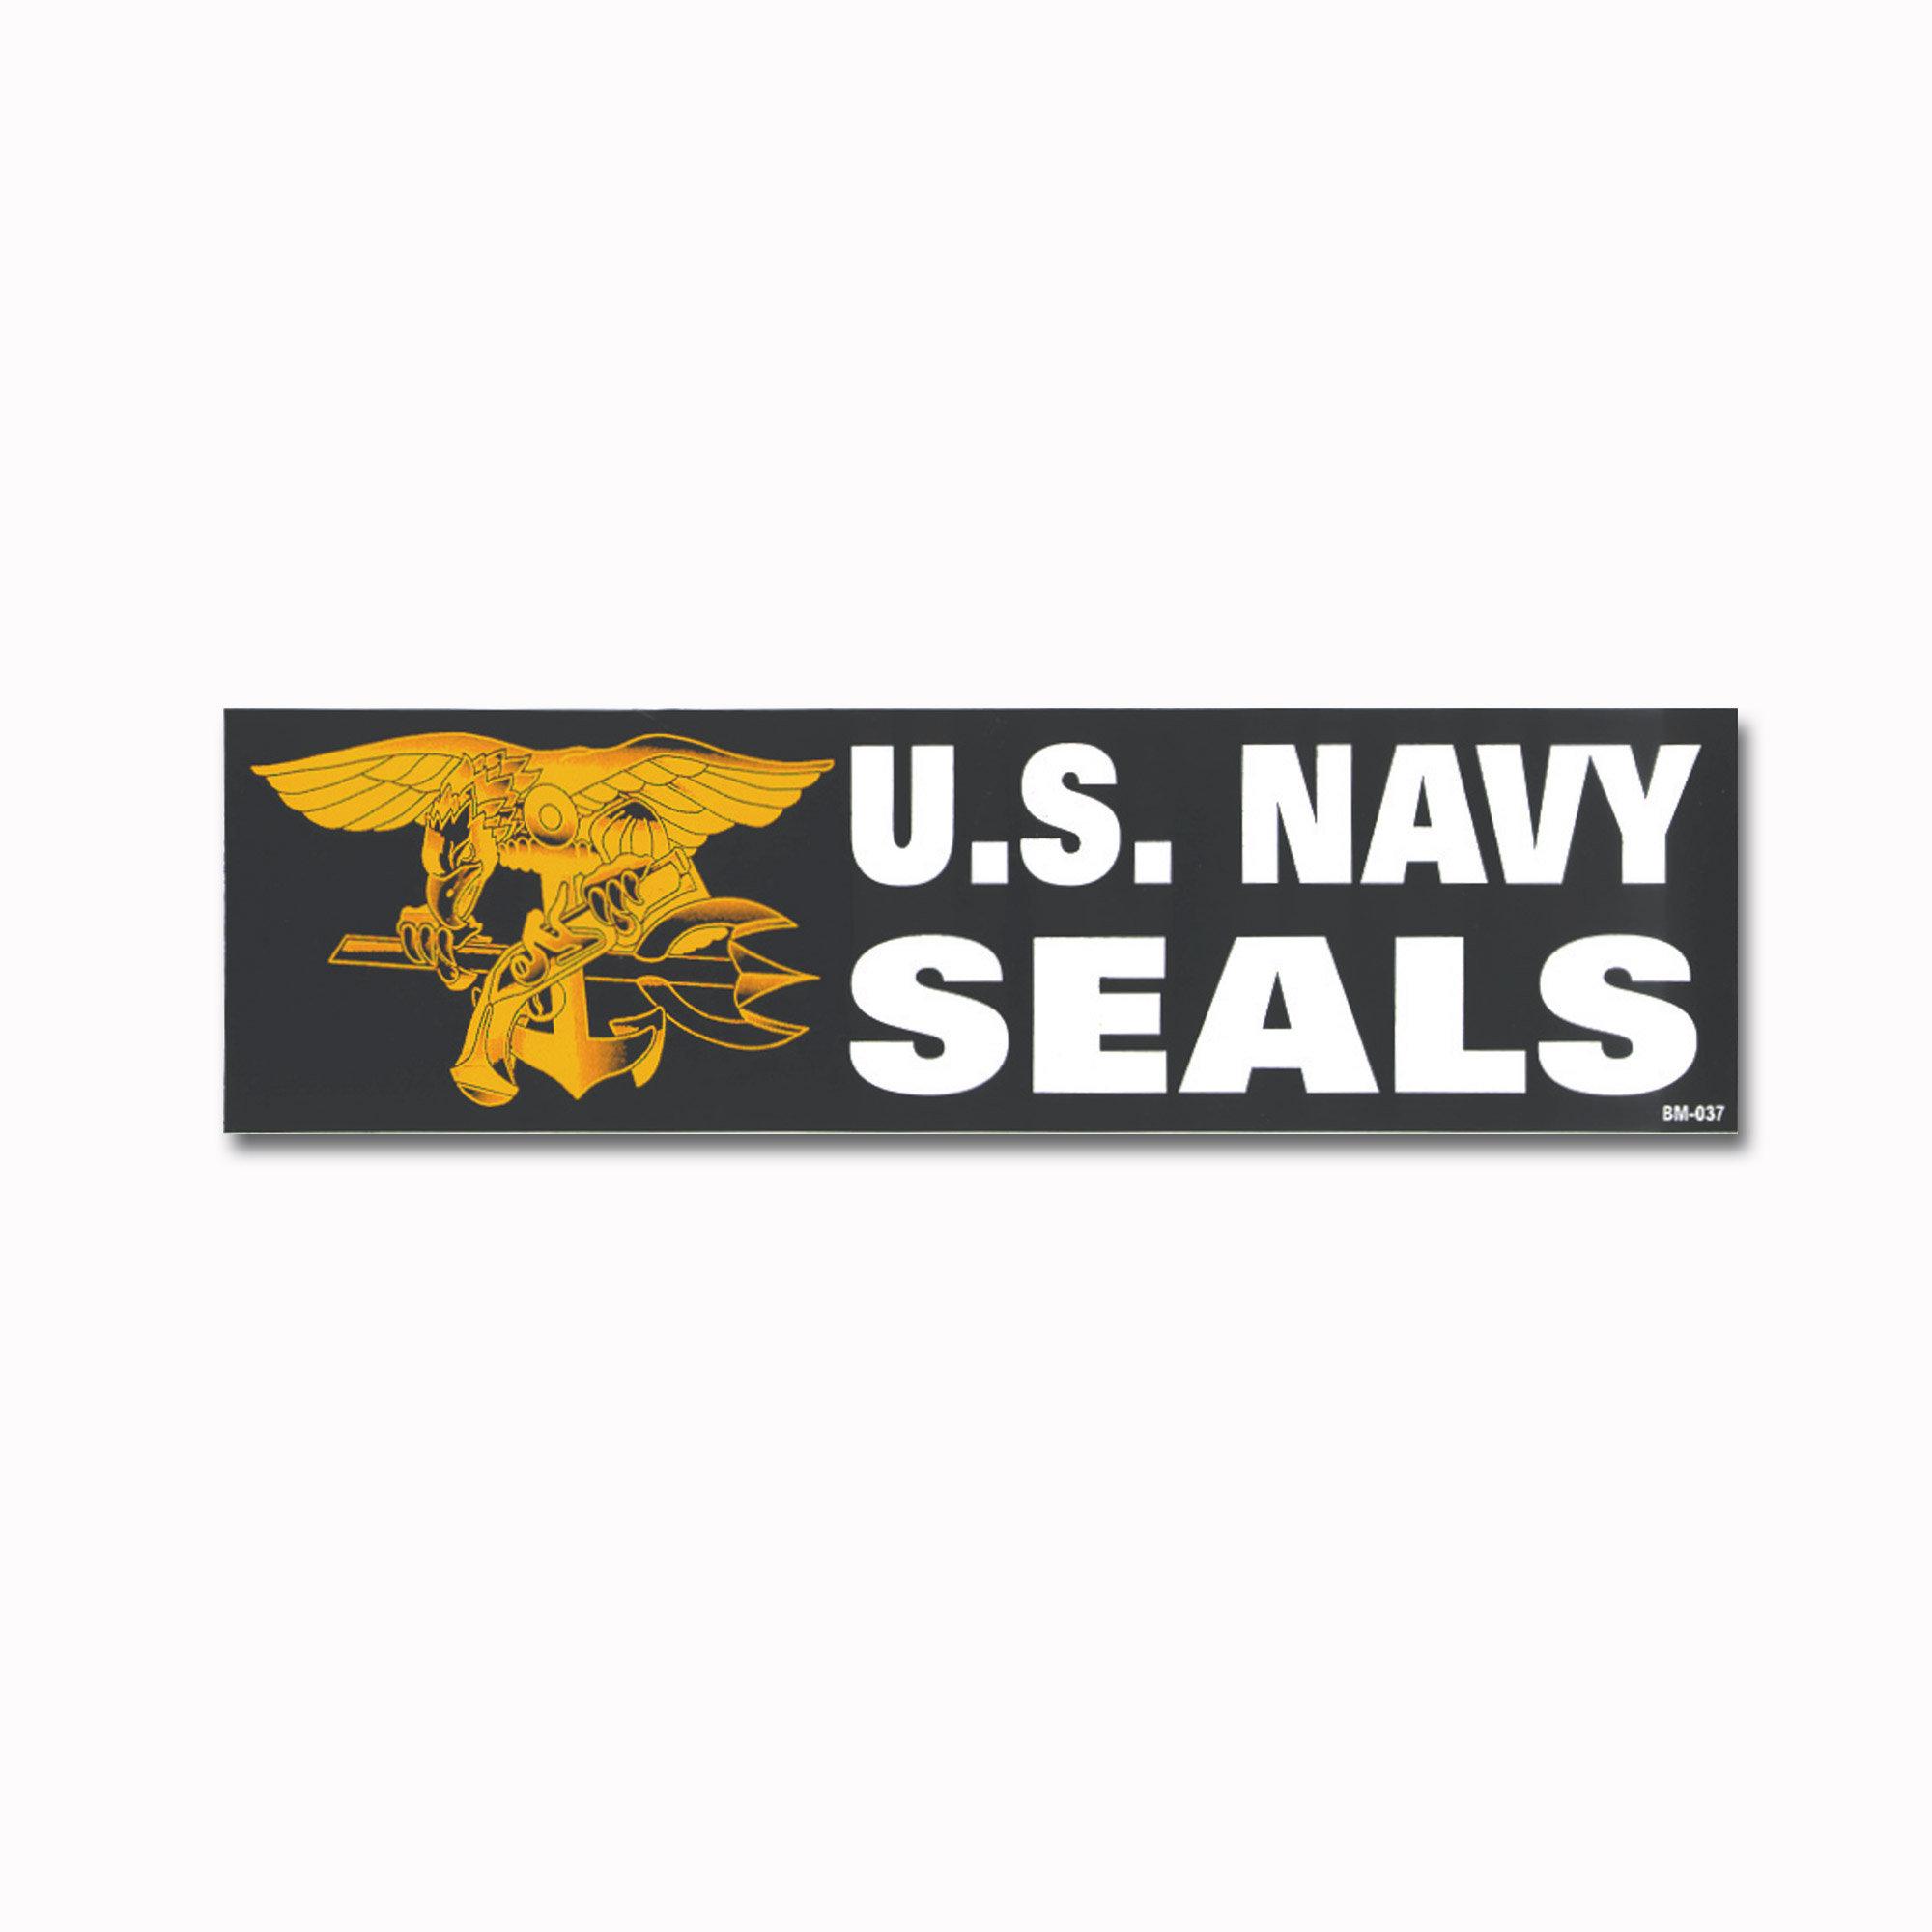 Bumper Sticker U.S. Navy Seals